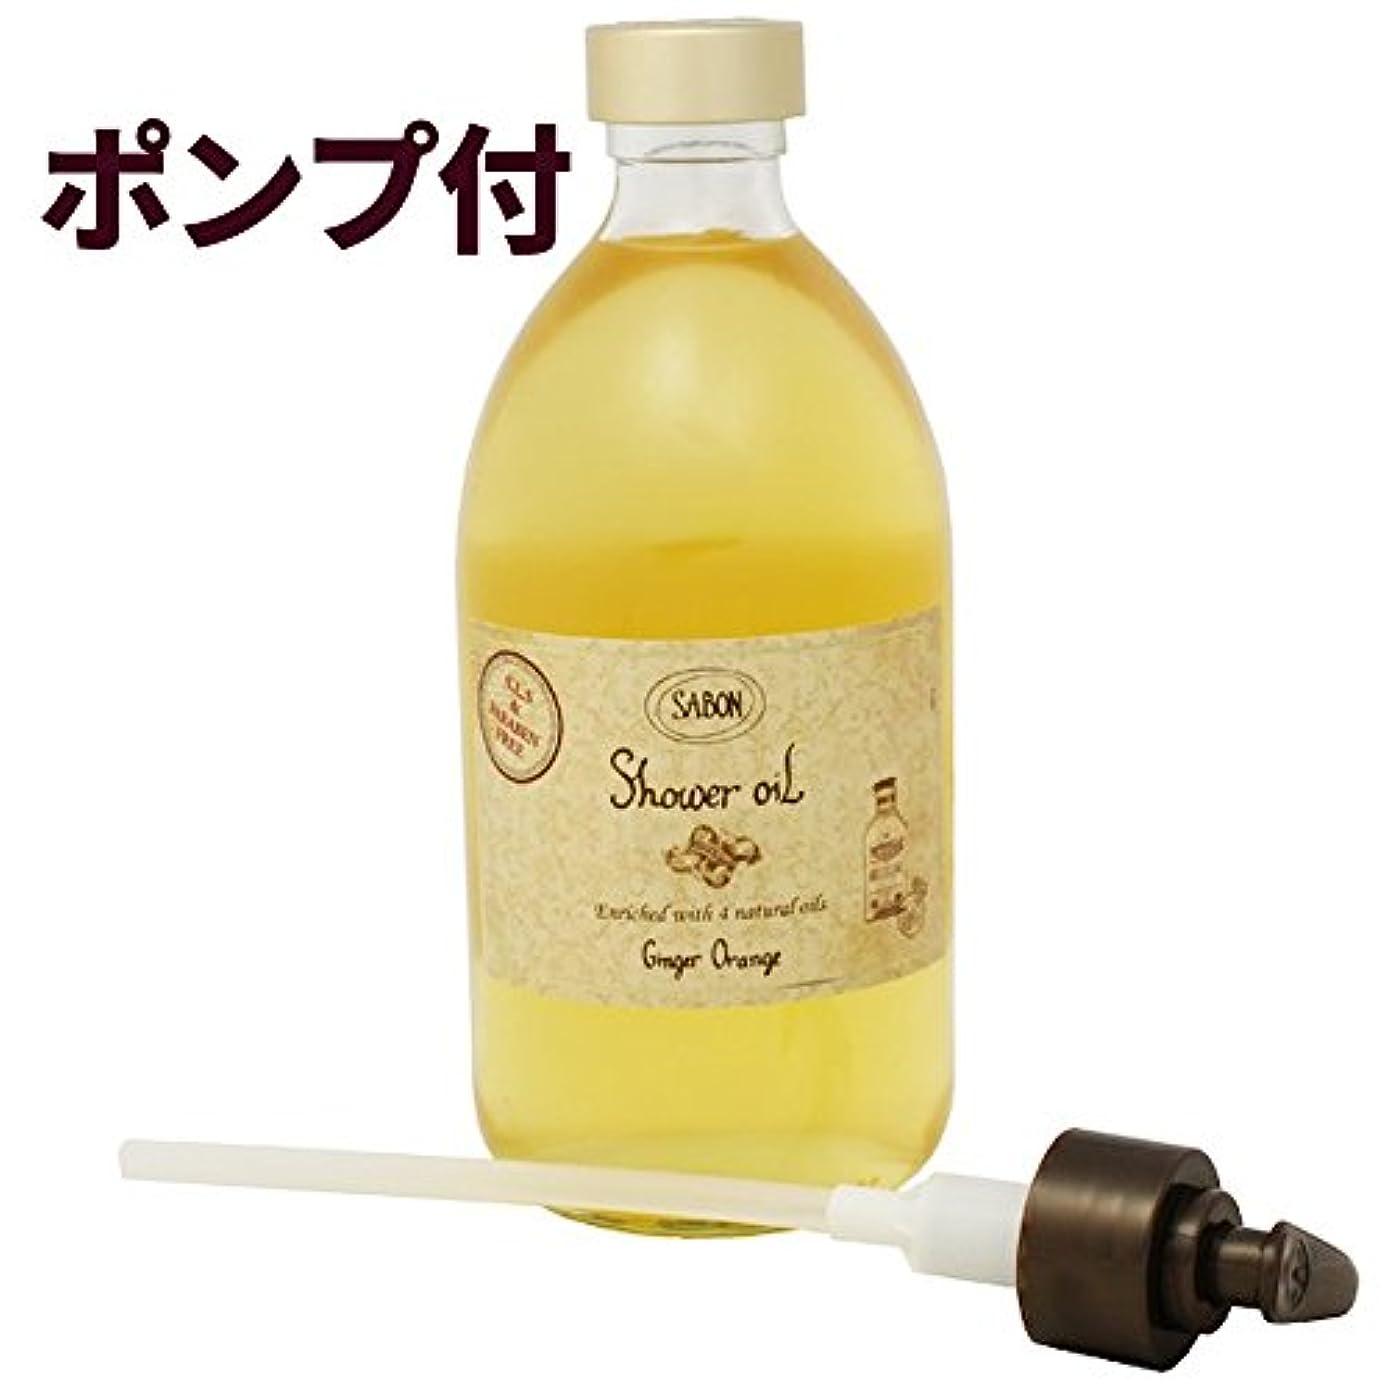 オーバードロー薄暗いモッキンバードサボン シャワーオイル ジンジャーオレンジ 500ml(並行輸入品)